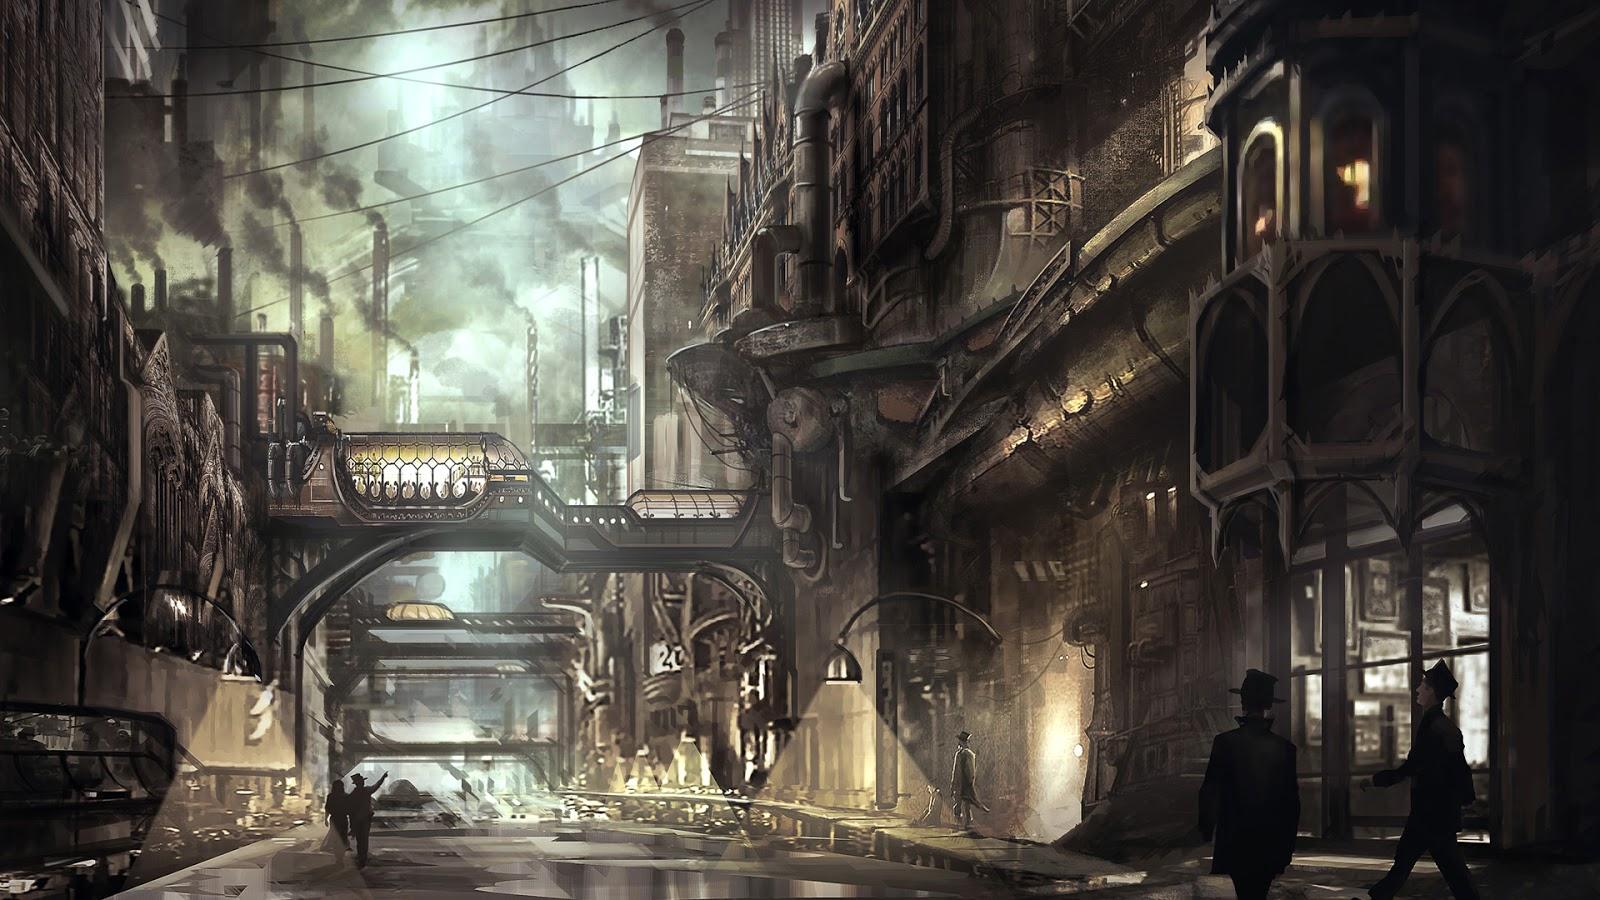 que pasa con el foro!! - Página 2 The-streets-lantern-city